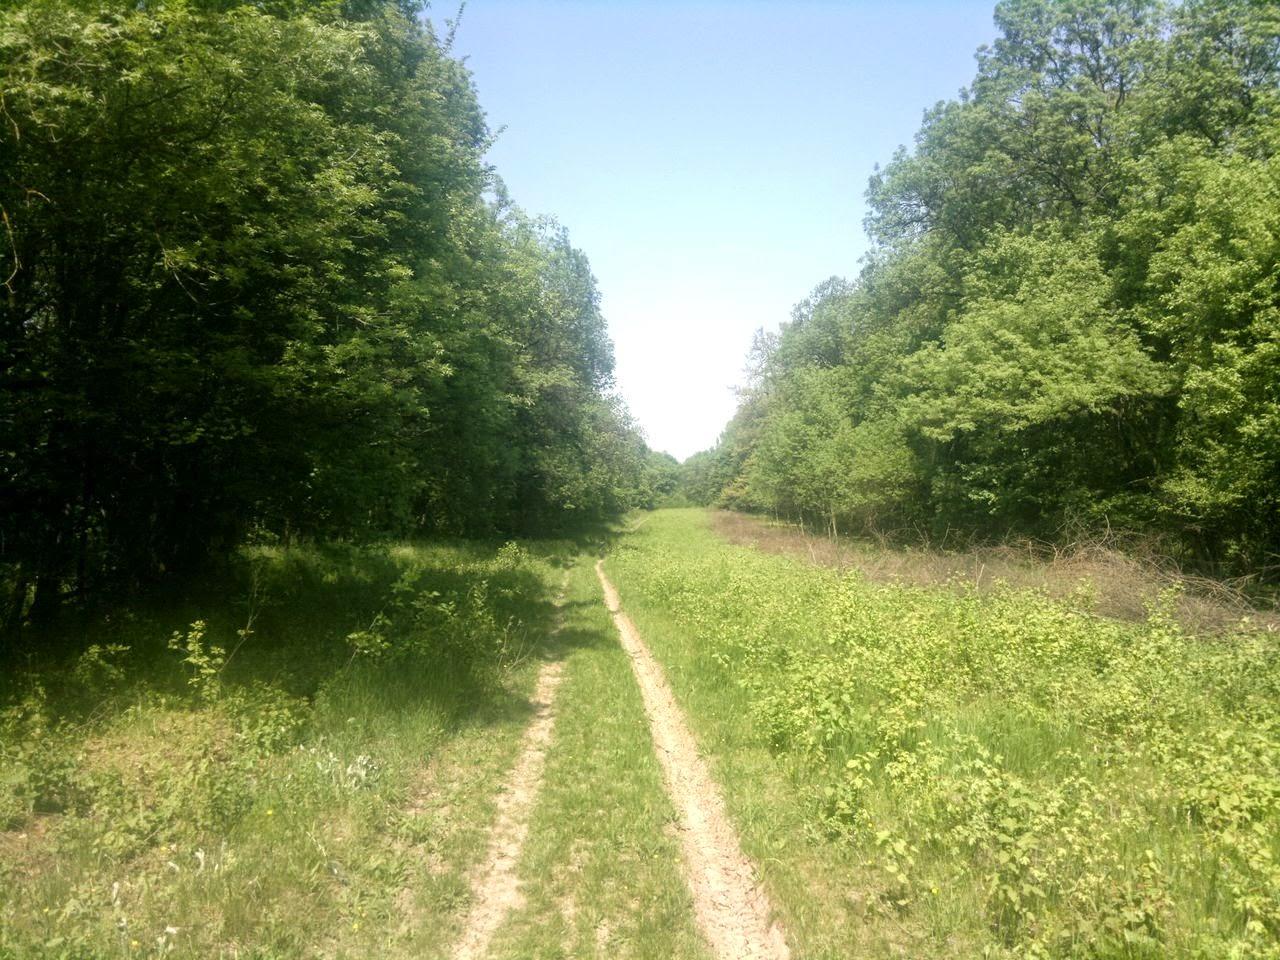 M-am îndrăgostit de Pădurea Verde din Timişoara. Trail running-ul este soluţia ideală când te antrenezi pentru ultrarunning